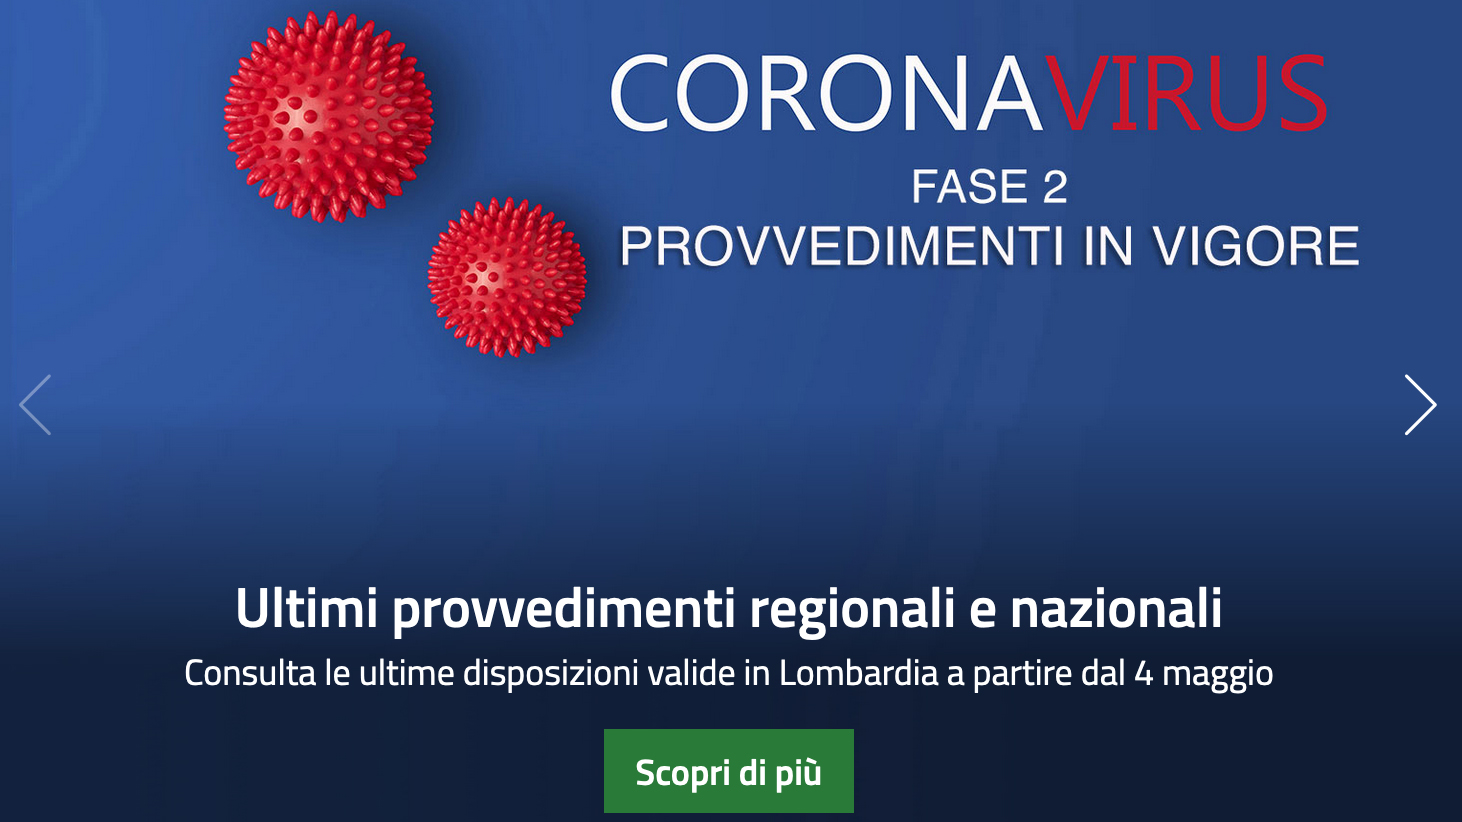 Regione Lombardia apre i Centri Ippici - ordinanza 541 del 7 maggio 2020